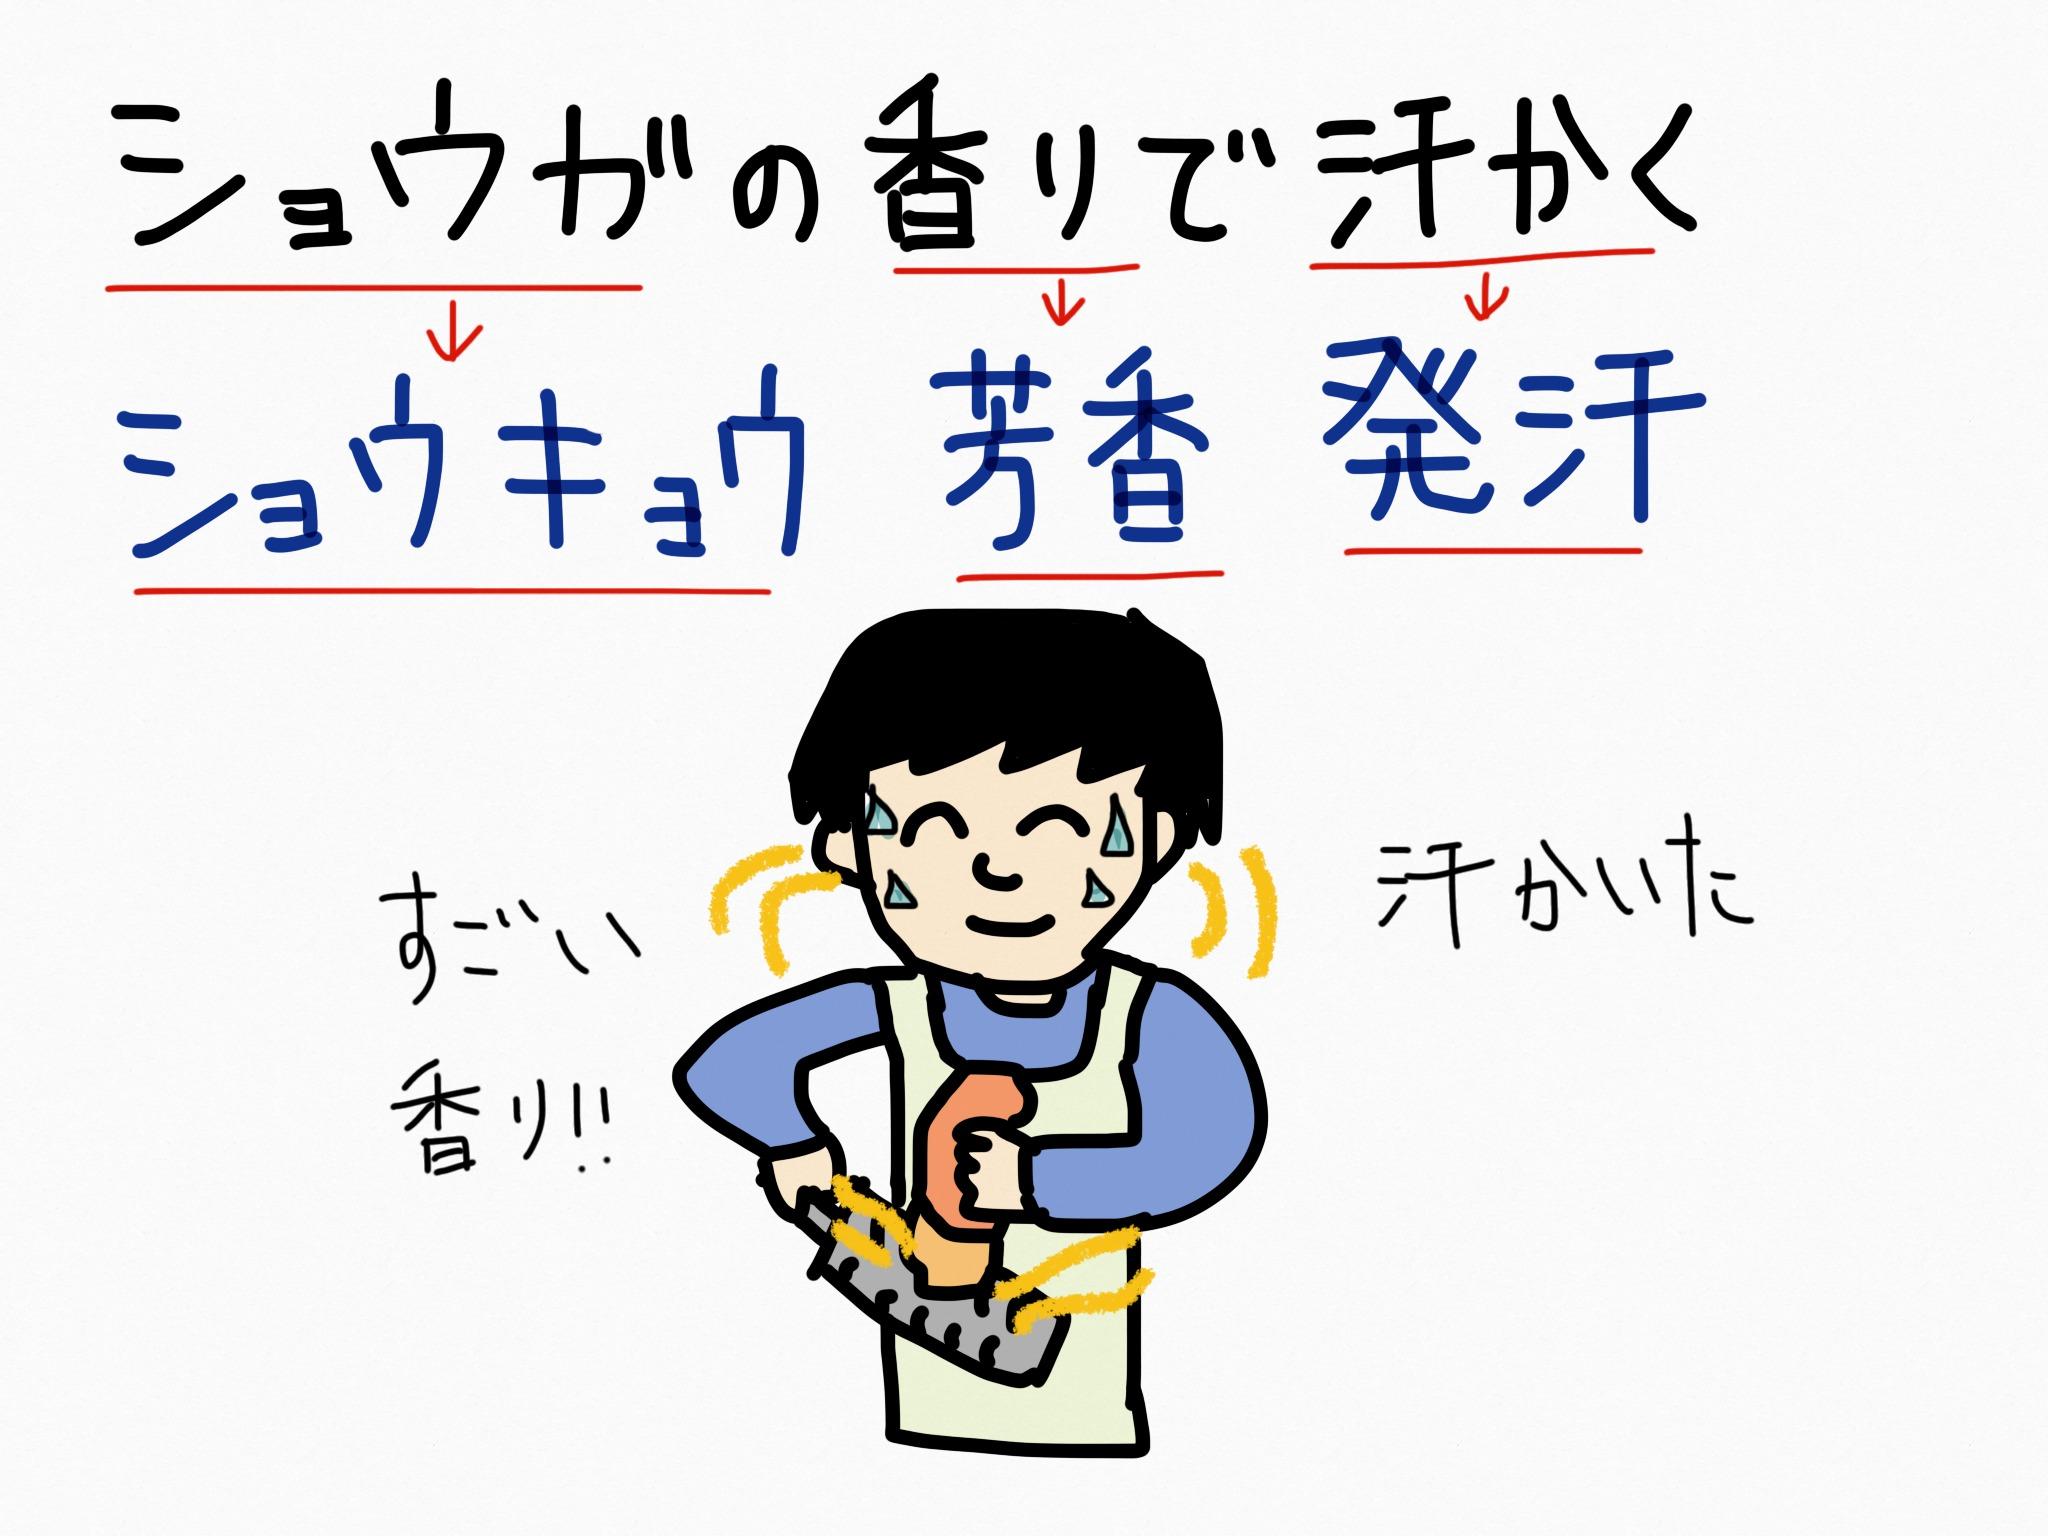 ショウキョウ[胃腸薬他]生薬の覚え方・暗記方法・語呂合わせ